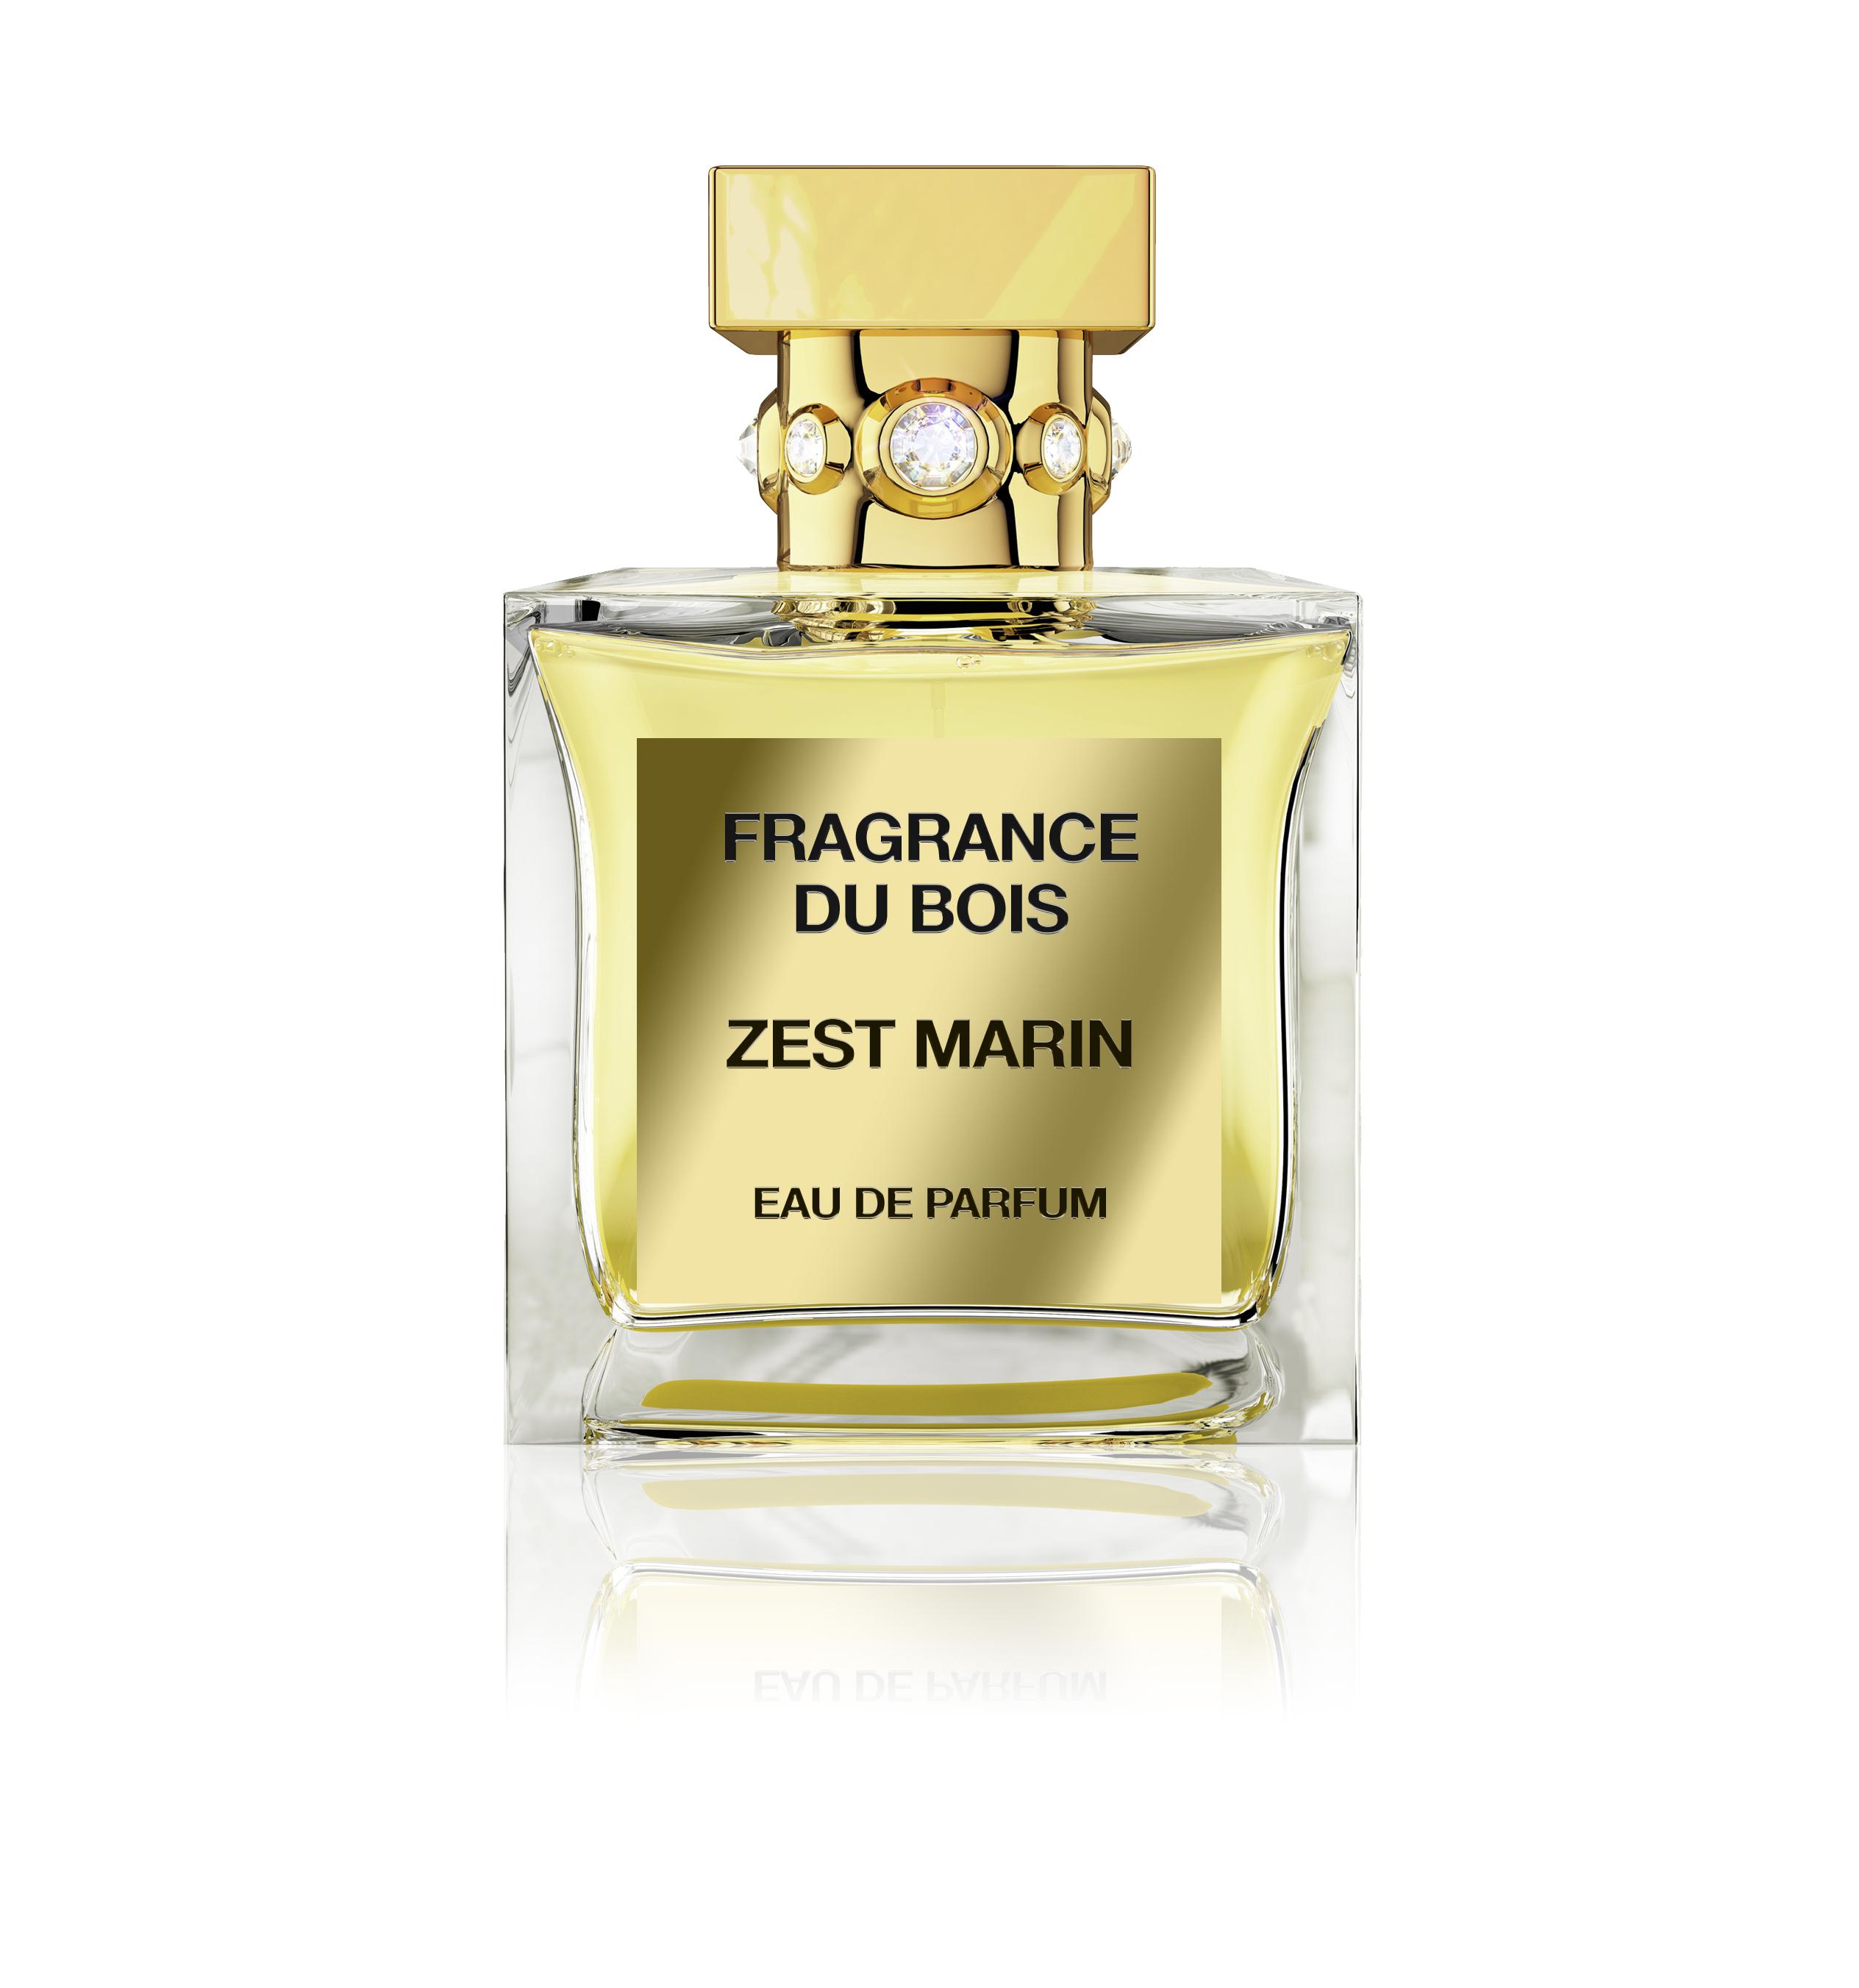 Fragrance Du Bois The Perfume Society